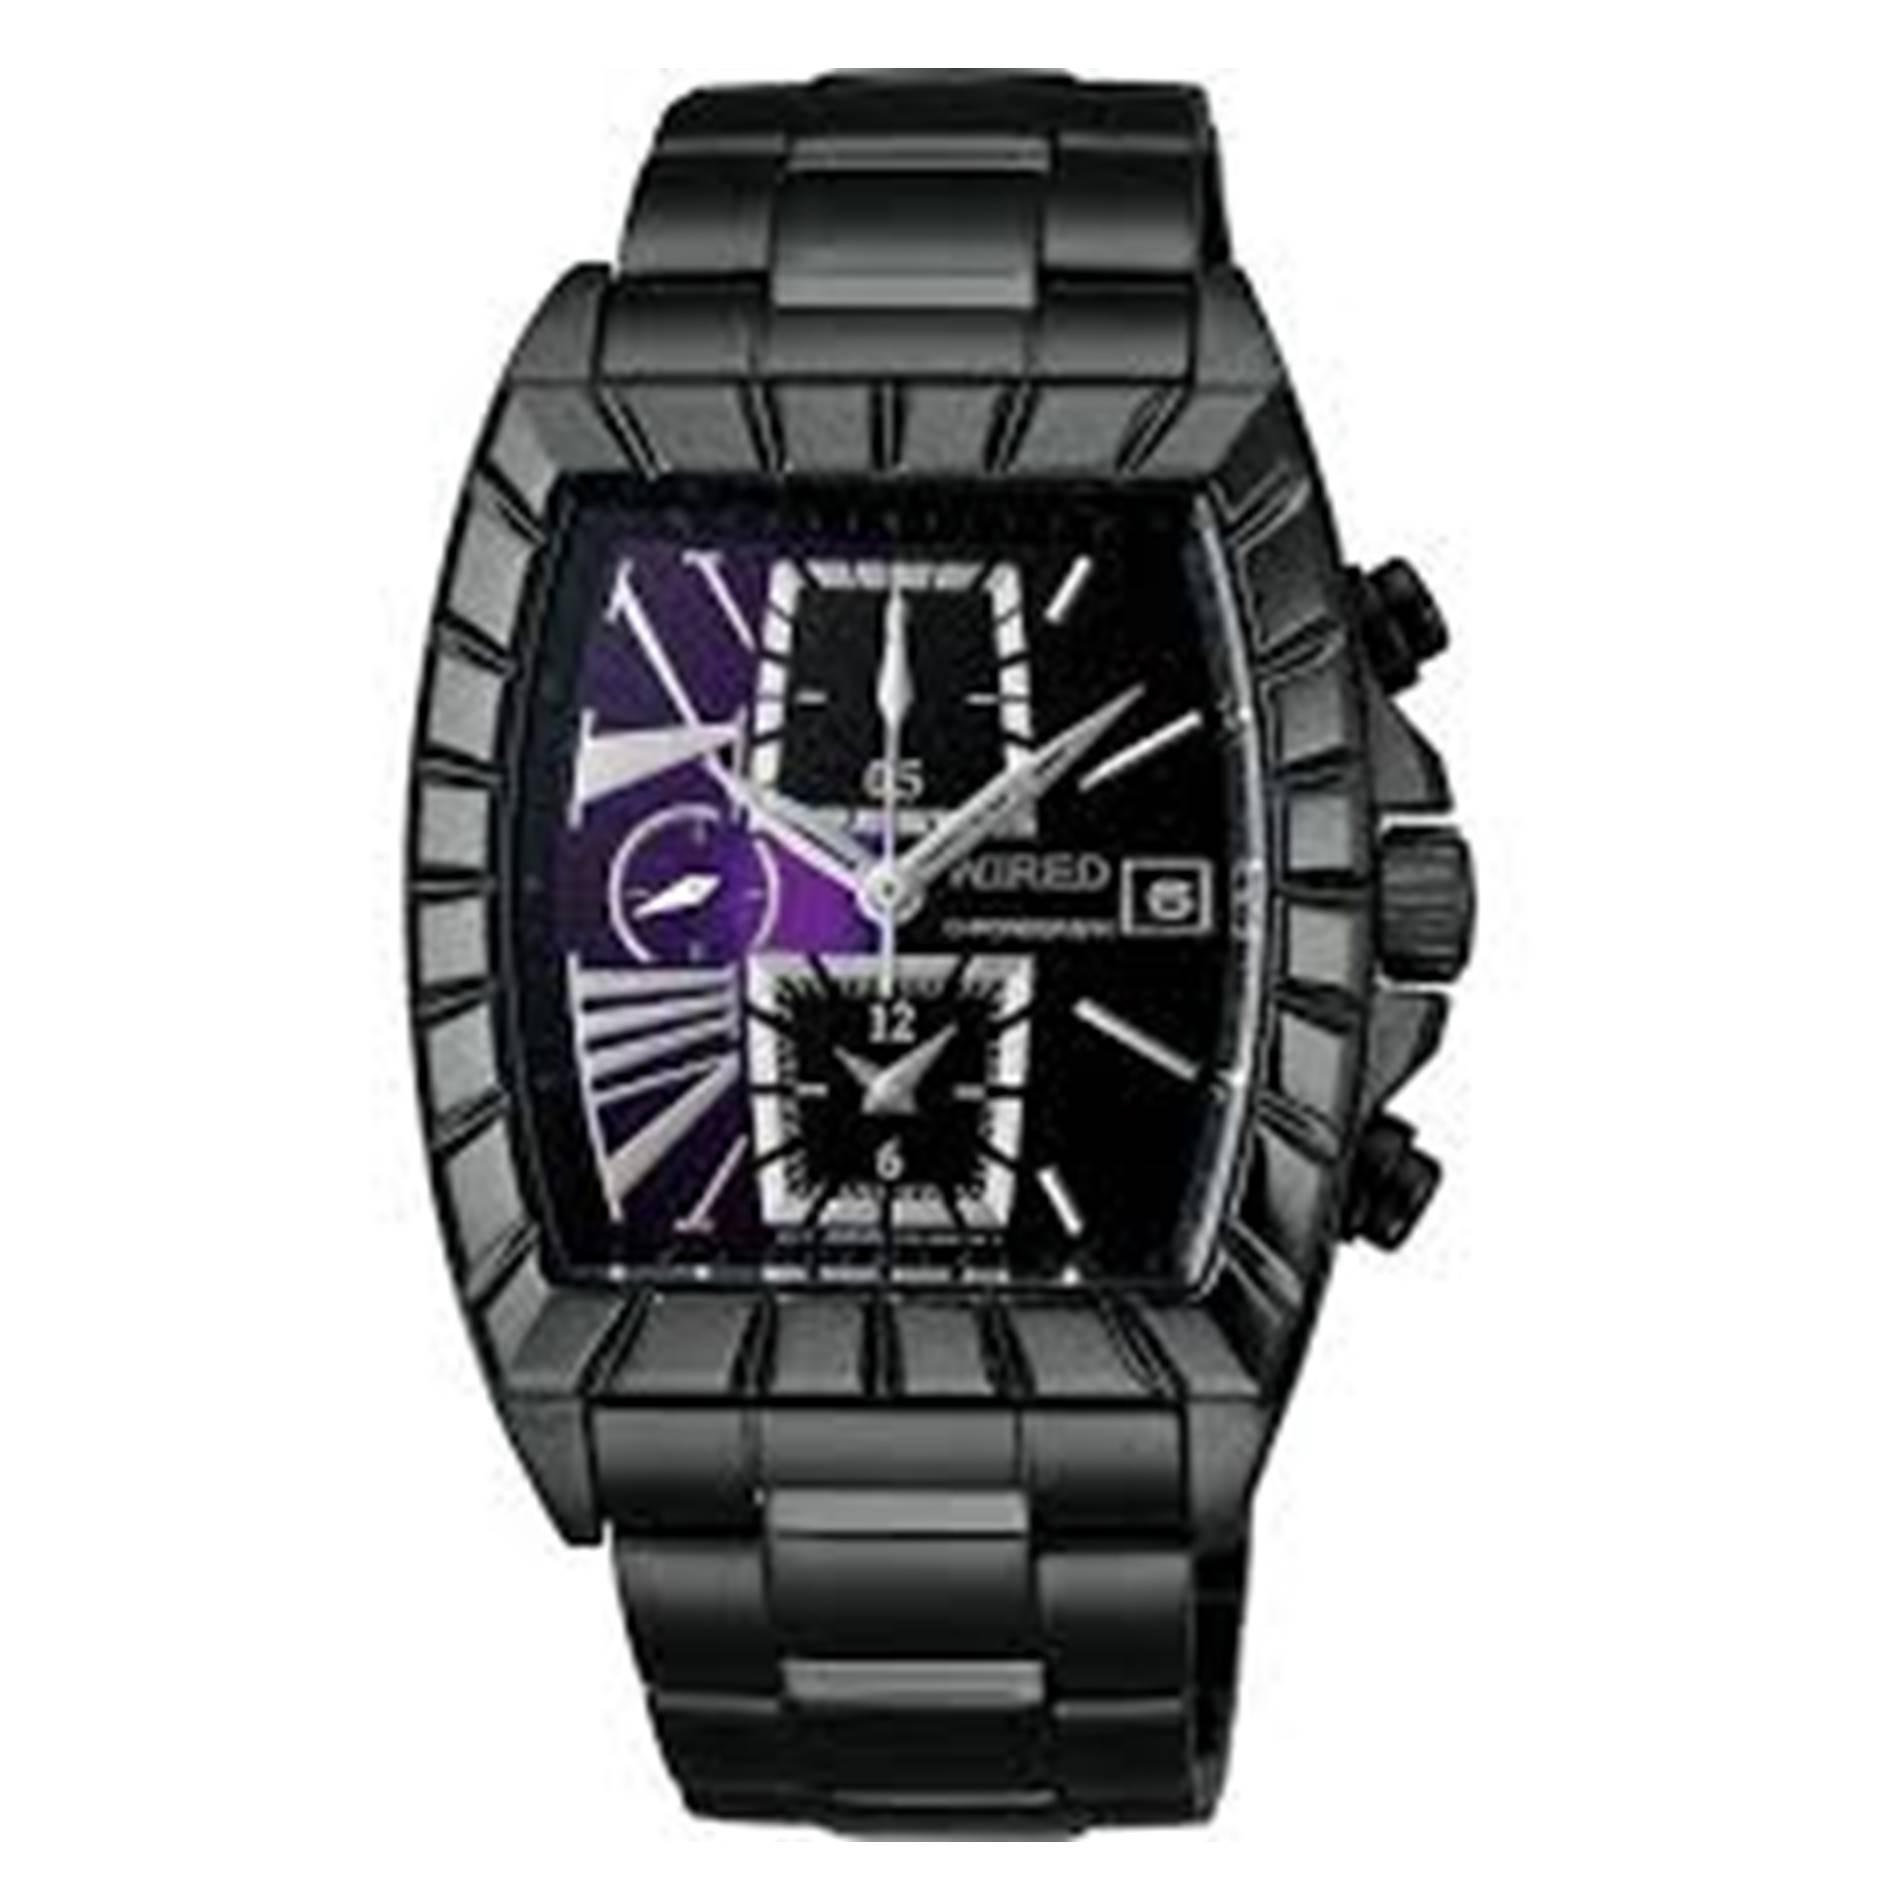 ALBA WIRED 星際戰艦三眼計時手錶 紫 黑 7T92-X236P 38mm